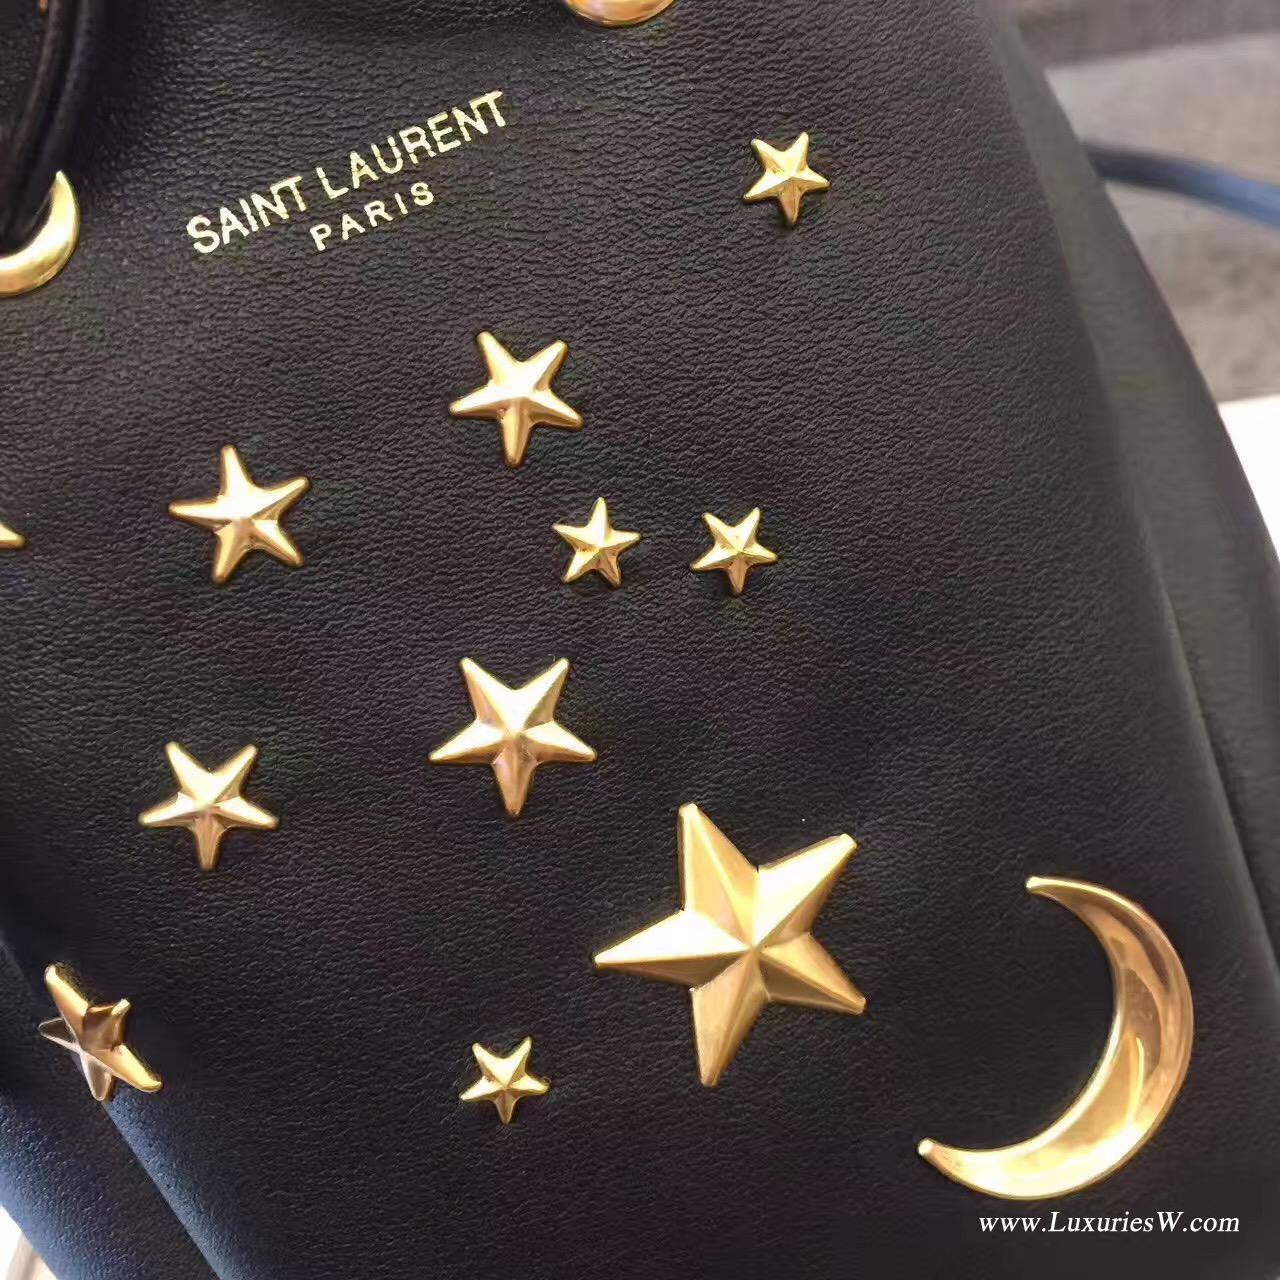 聖羅蘭YSL Saint Laurent SLP 星星月亮迷你mini水桶包,可单肩可斜挎,无敌可爱